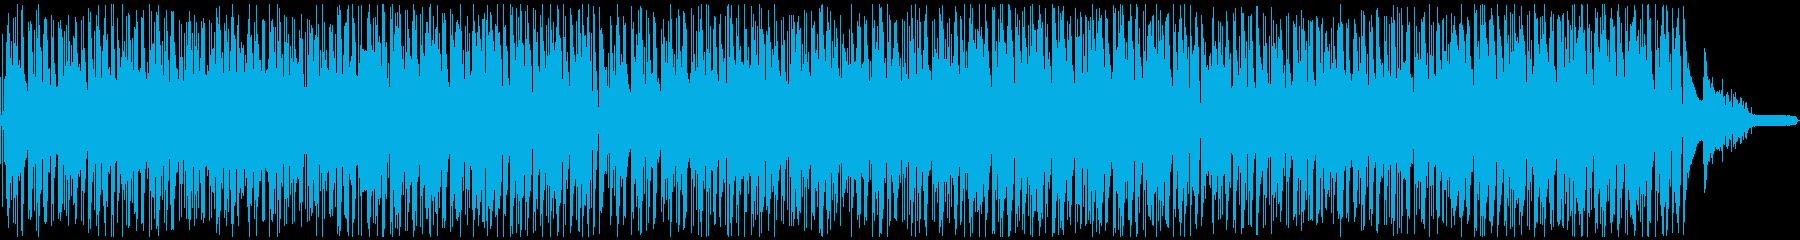 心地よいおしゃれなボサノヴァ・ピアノの再生済みの波形